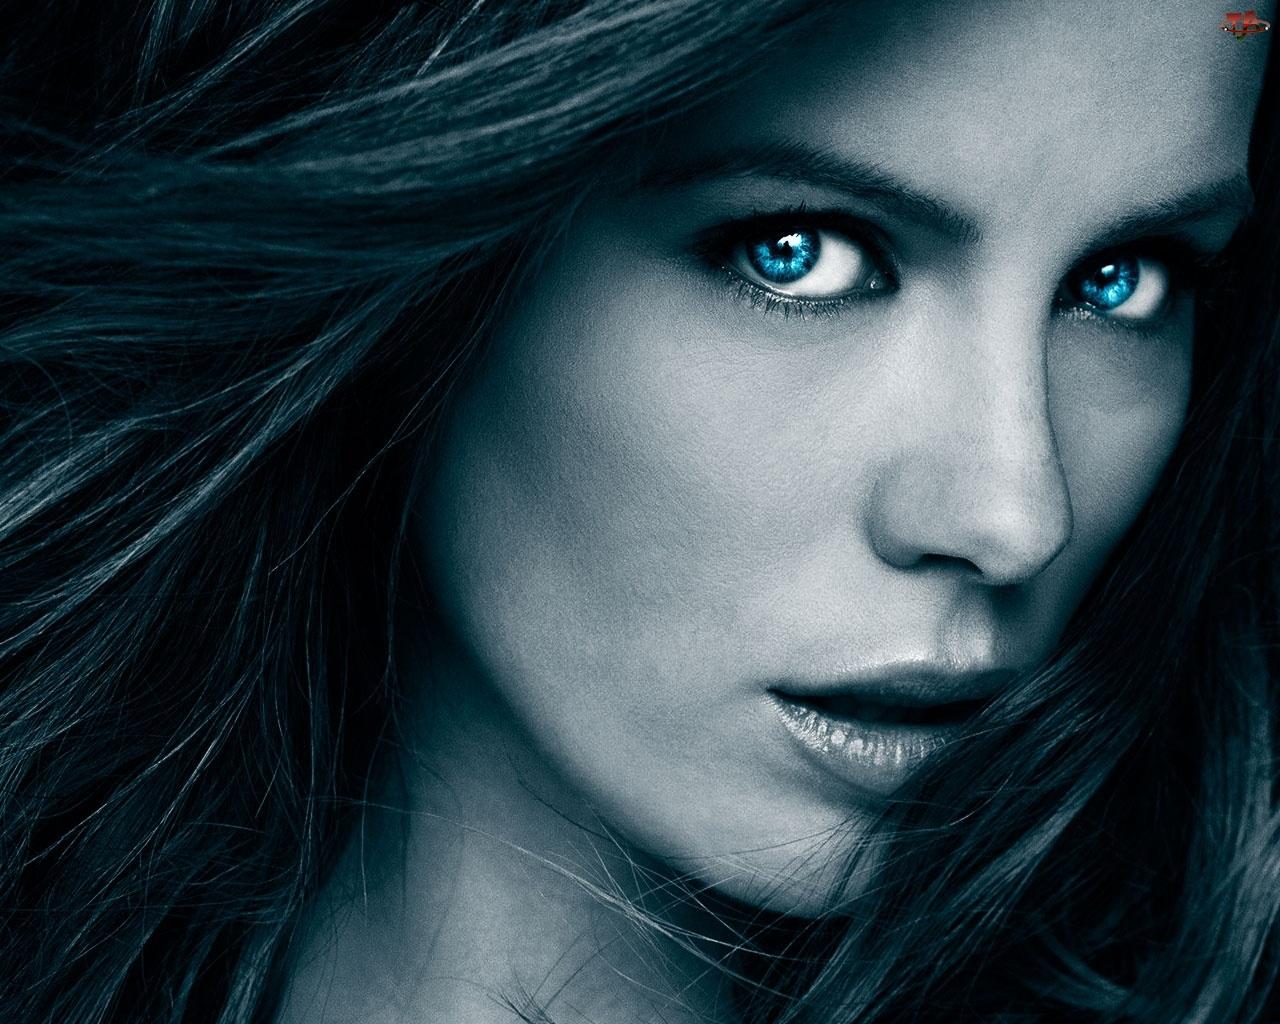 Kobieta, Oczy, Twarz, Niebieskie